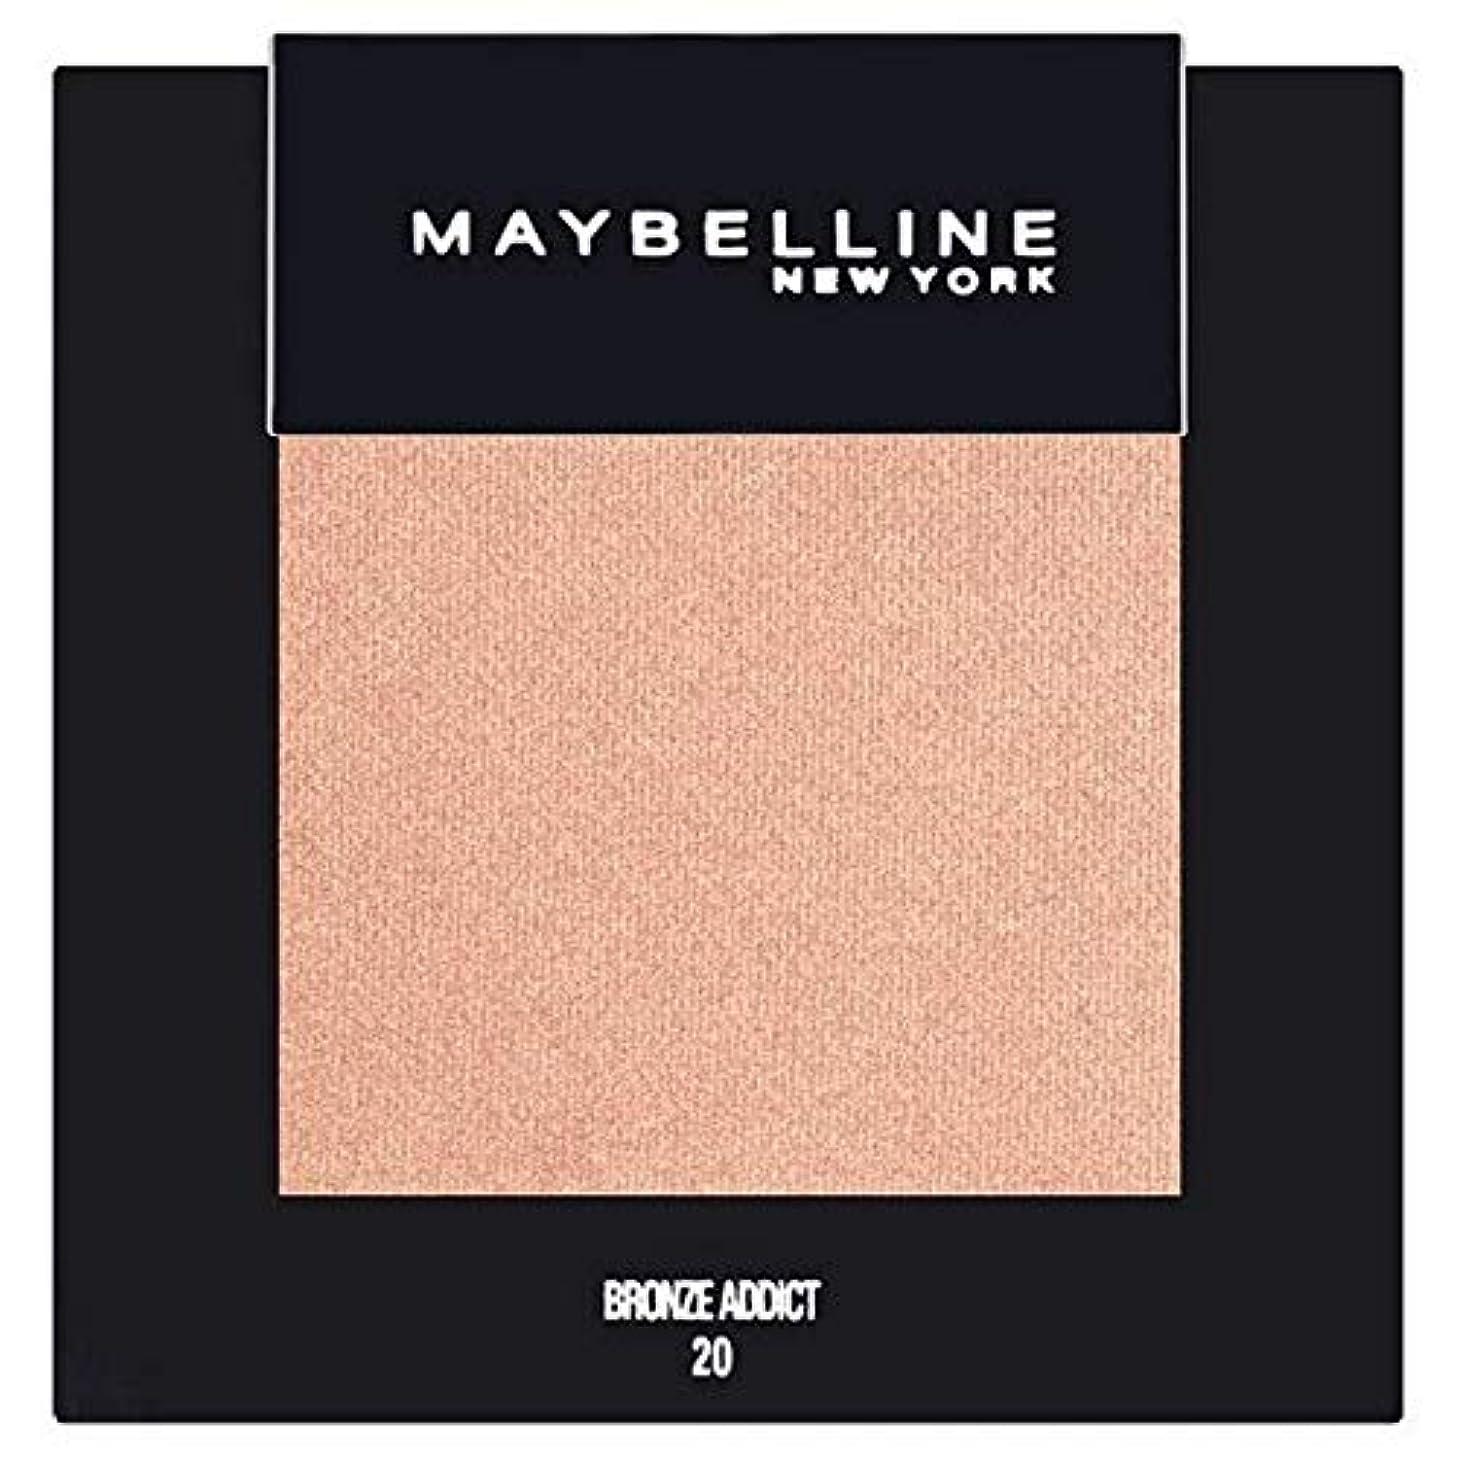 シティ痛み組立[Maybelline ] メイベリンカラーショーシングルアイシャドウ20ブロンズ - Maybelline Color Show Single Eyeshadow 20 Bronze [並行輸入品]